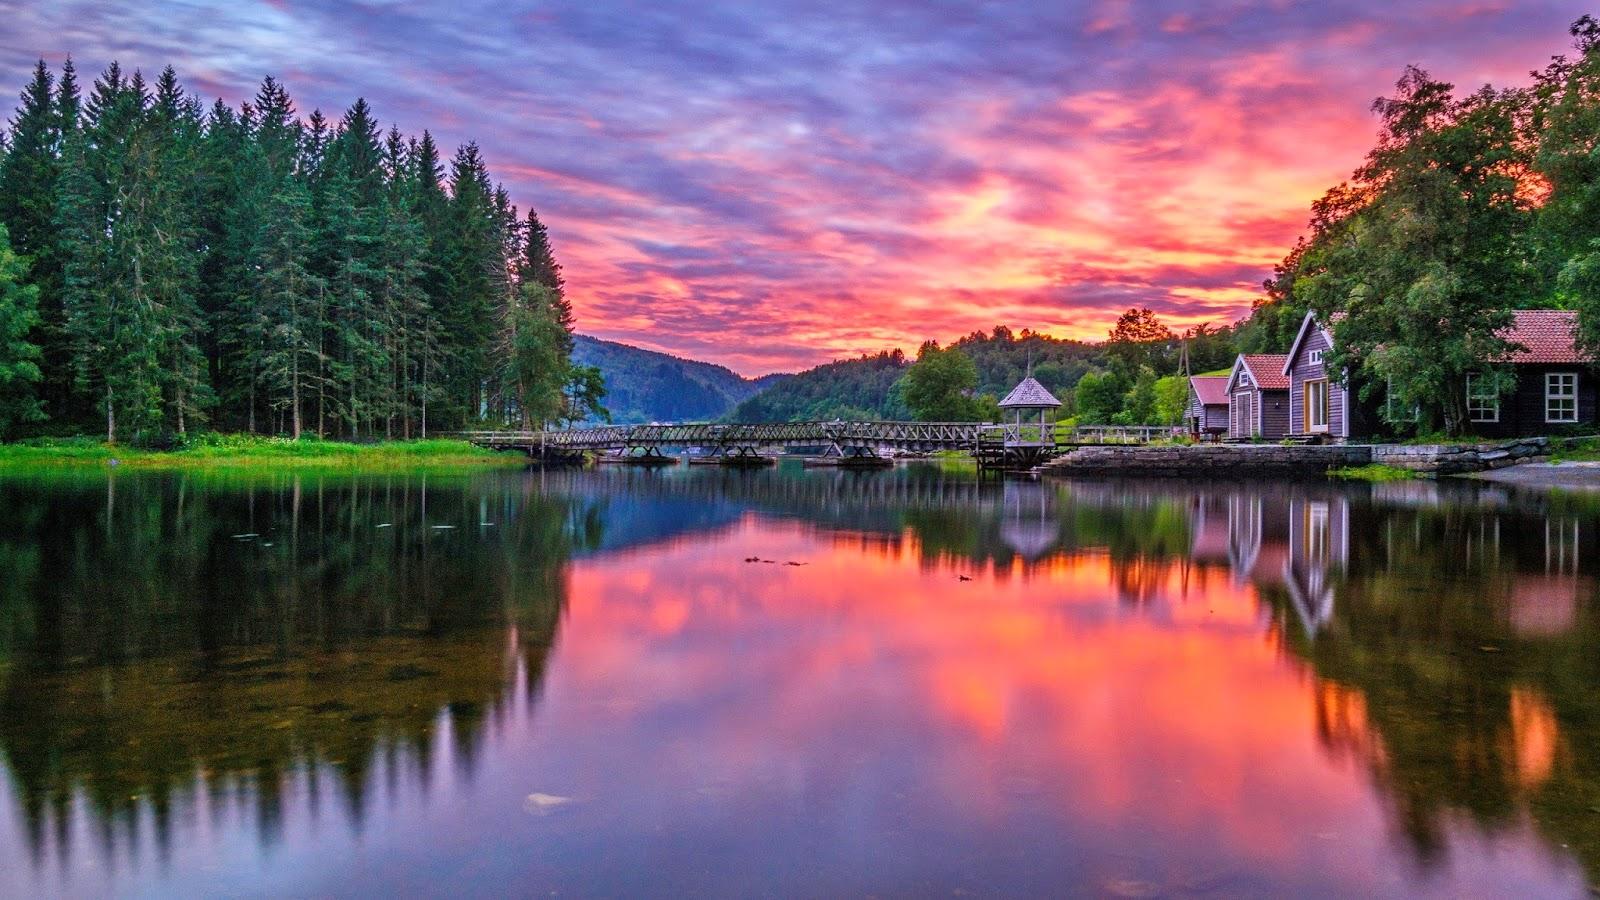 بالصور صور مناظر جميلة , اروع مناظر طبيعيه 4195